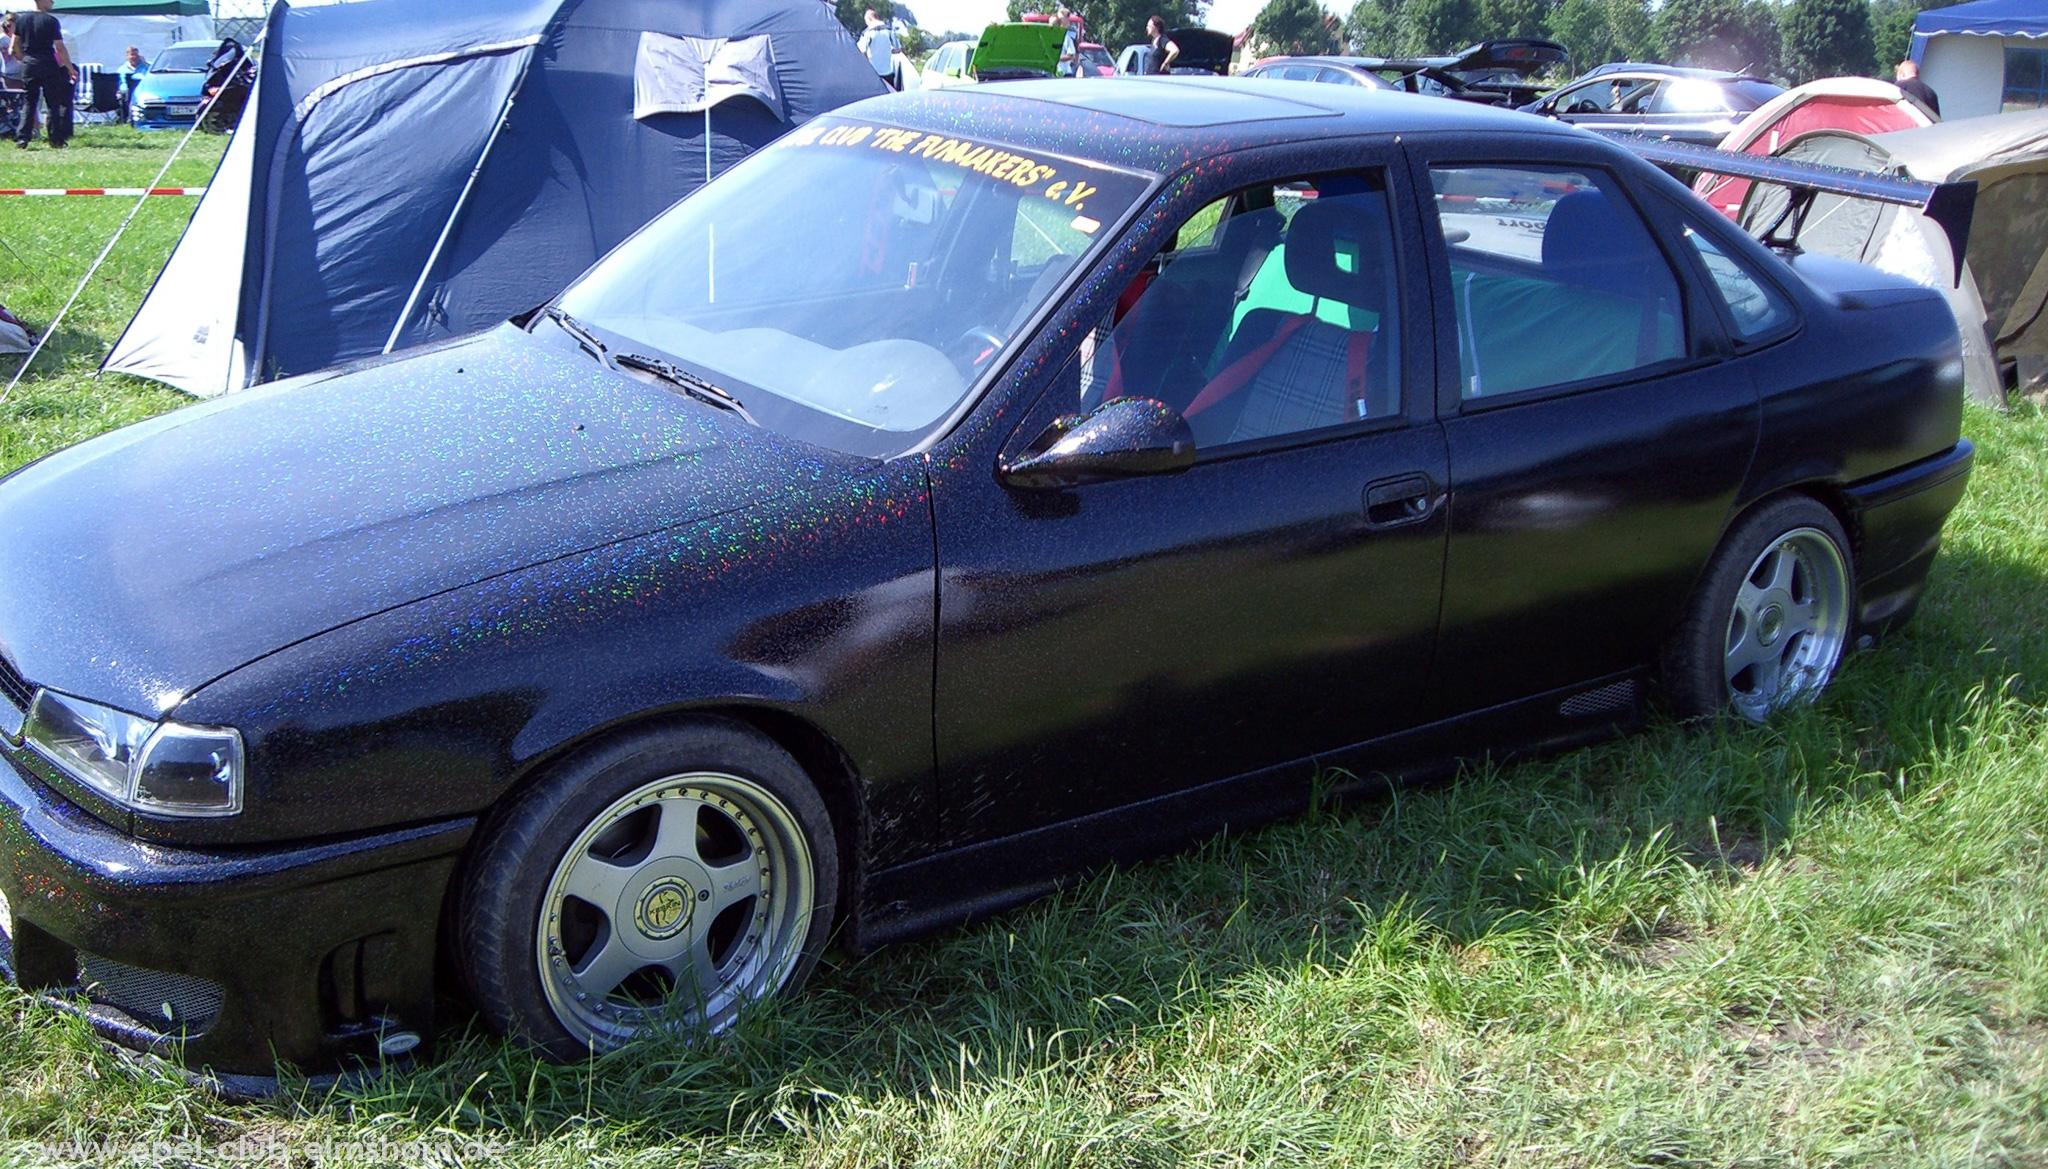 Opeltreffen Brunsbüttel Opelfreunde 2008 - 20080704_161852 - Vectra A mit Glitterlack